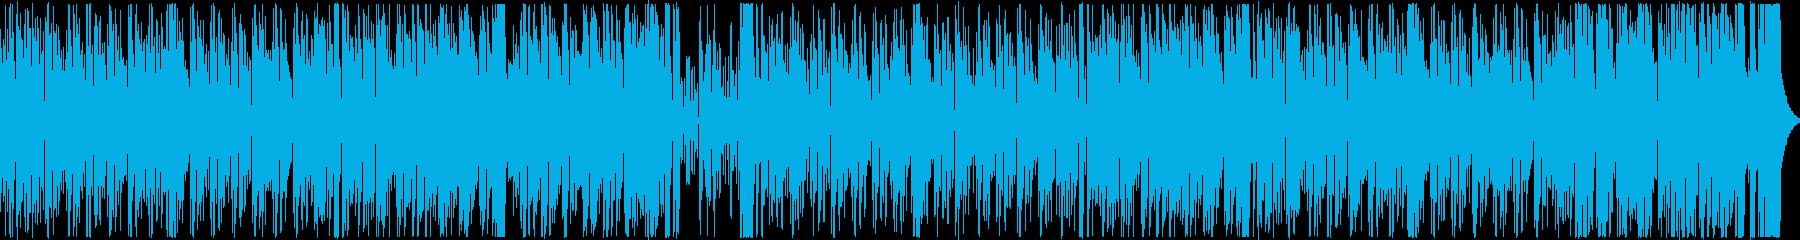 ラテンパーカッション、モントゥノピ...の再生済みの波形